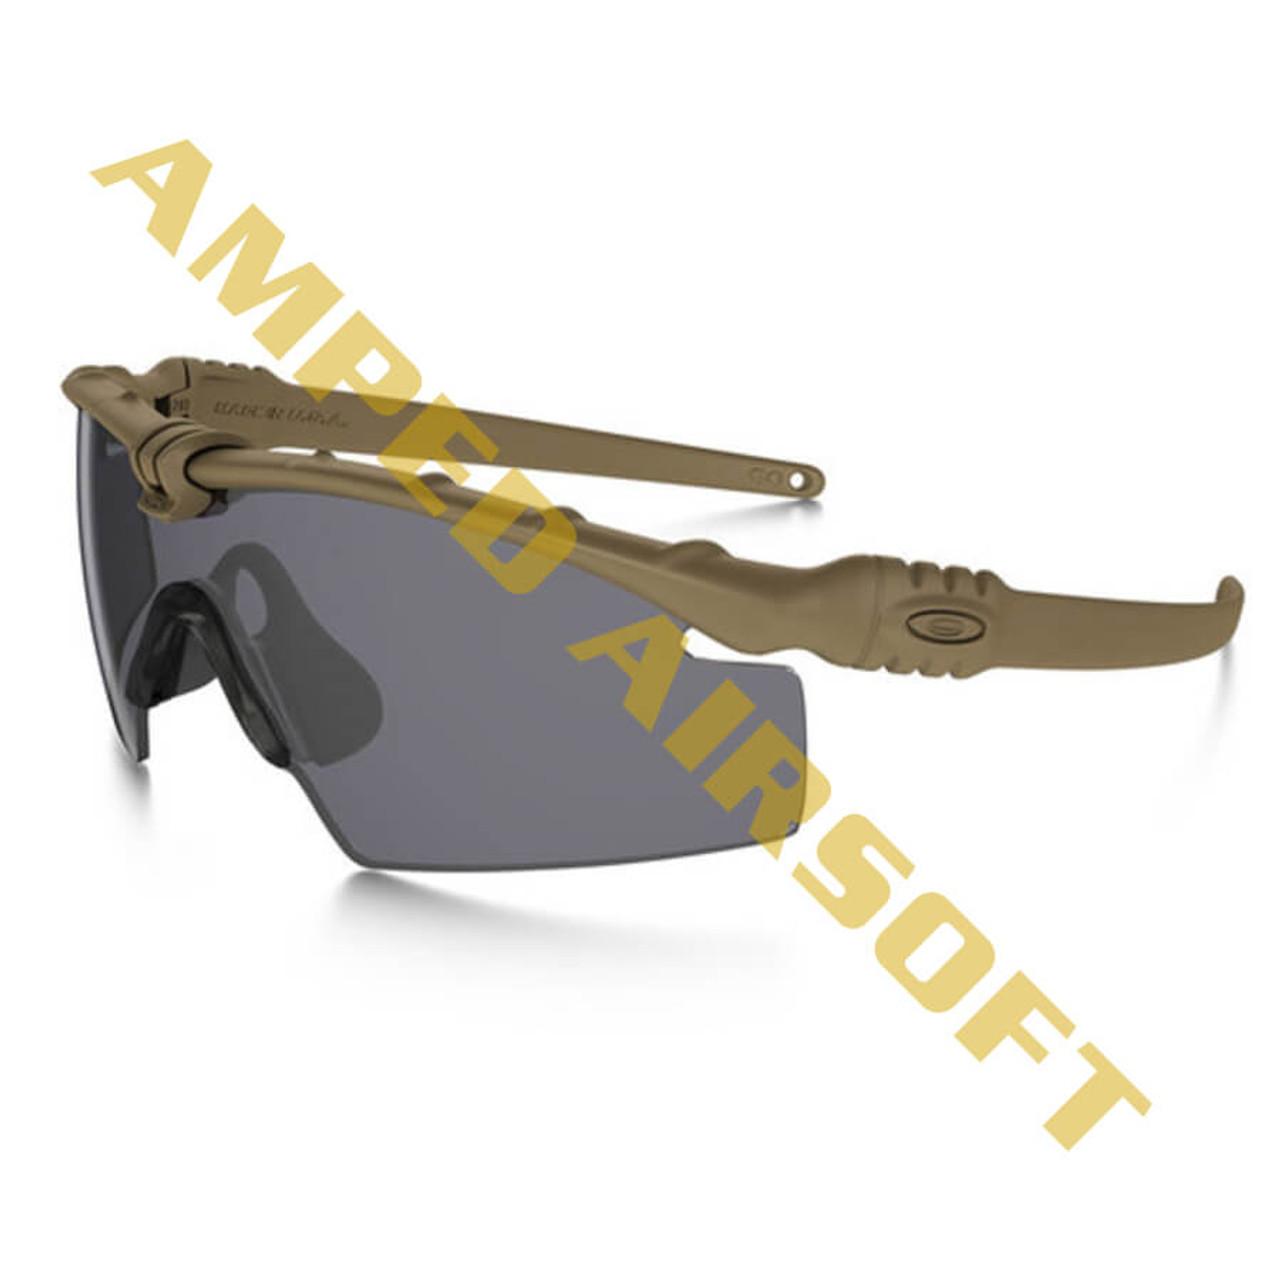 Oakley - SI Ballistic M Frame 3.0 - Dark Bone Frame w/ Grey Lens